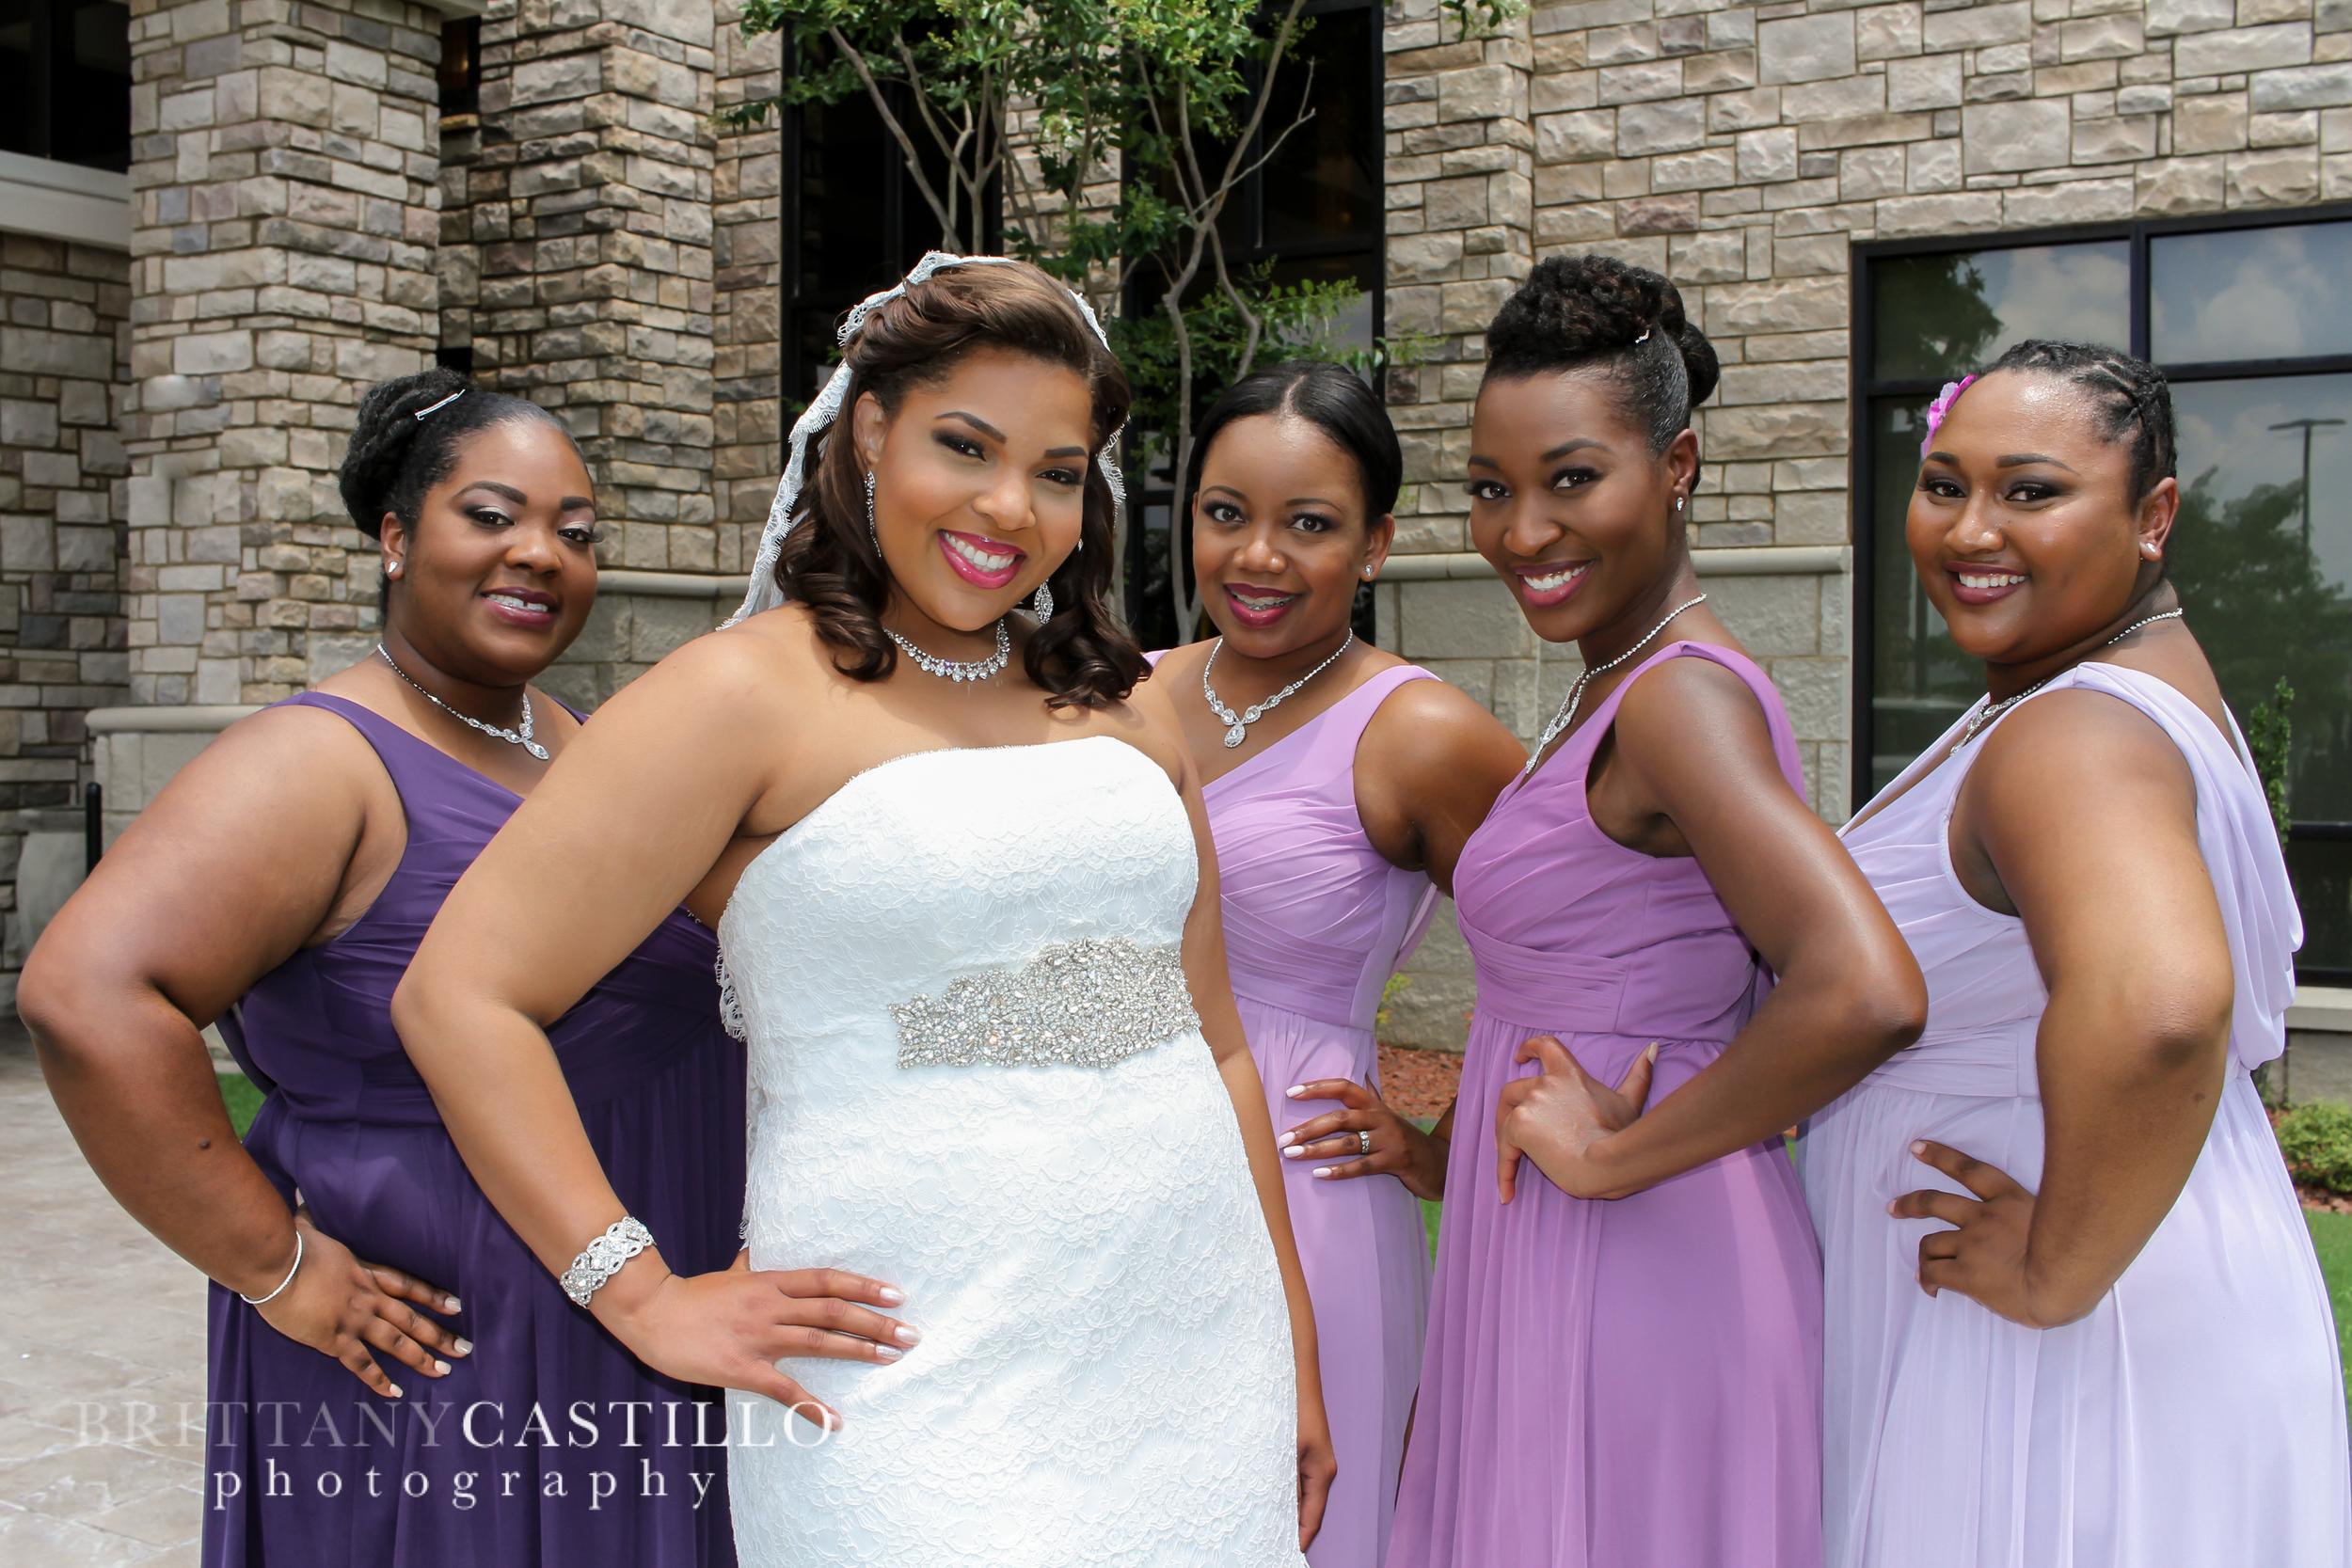 Danielle Williams WM Wedding (1 of 2).jpg